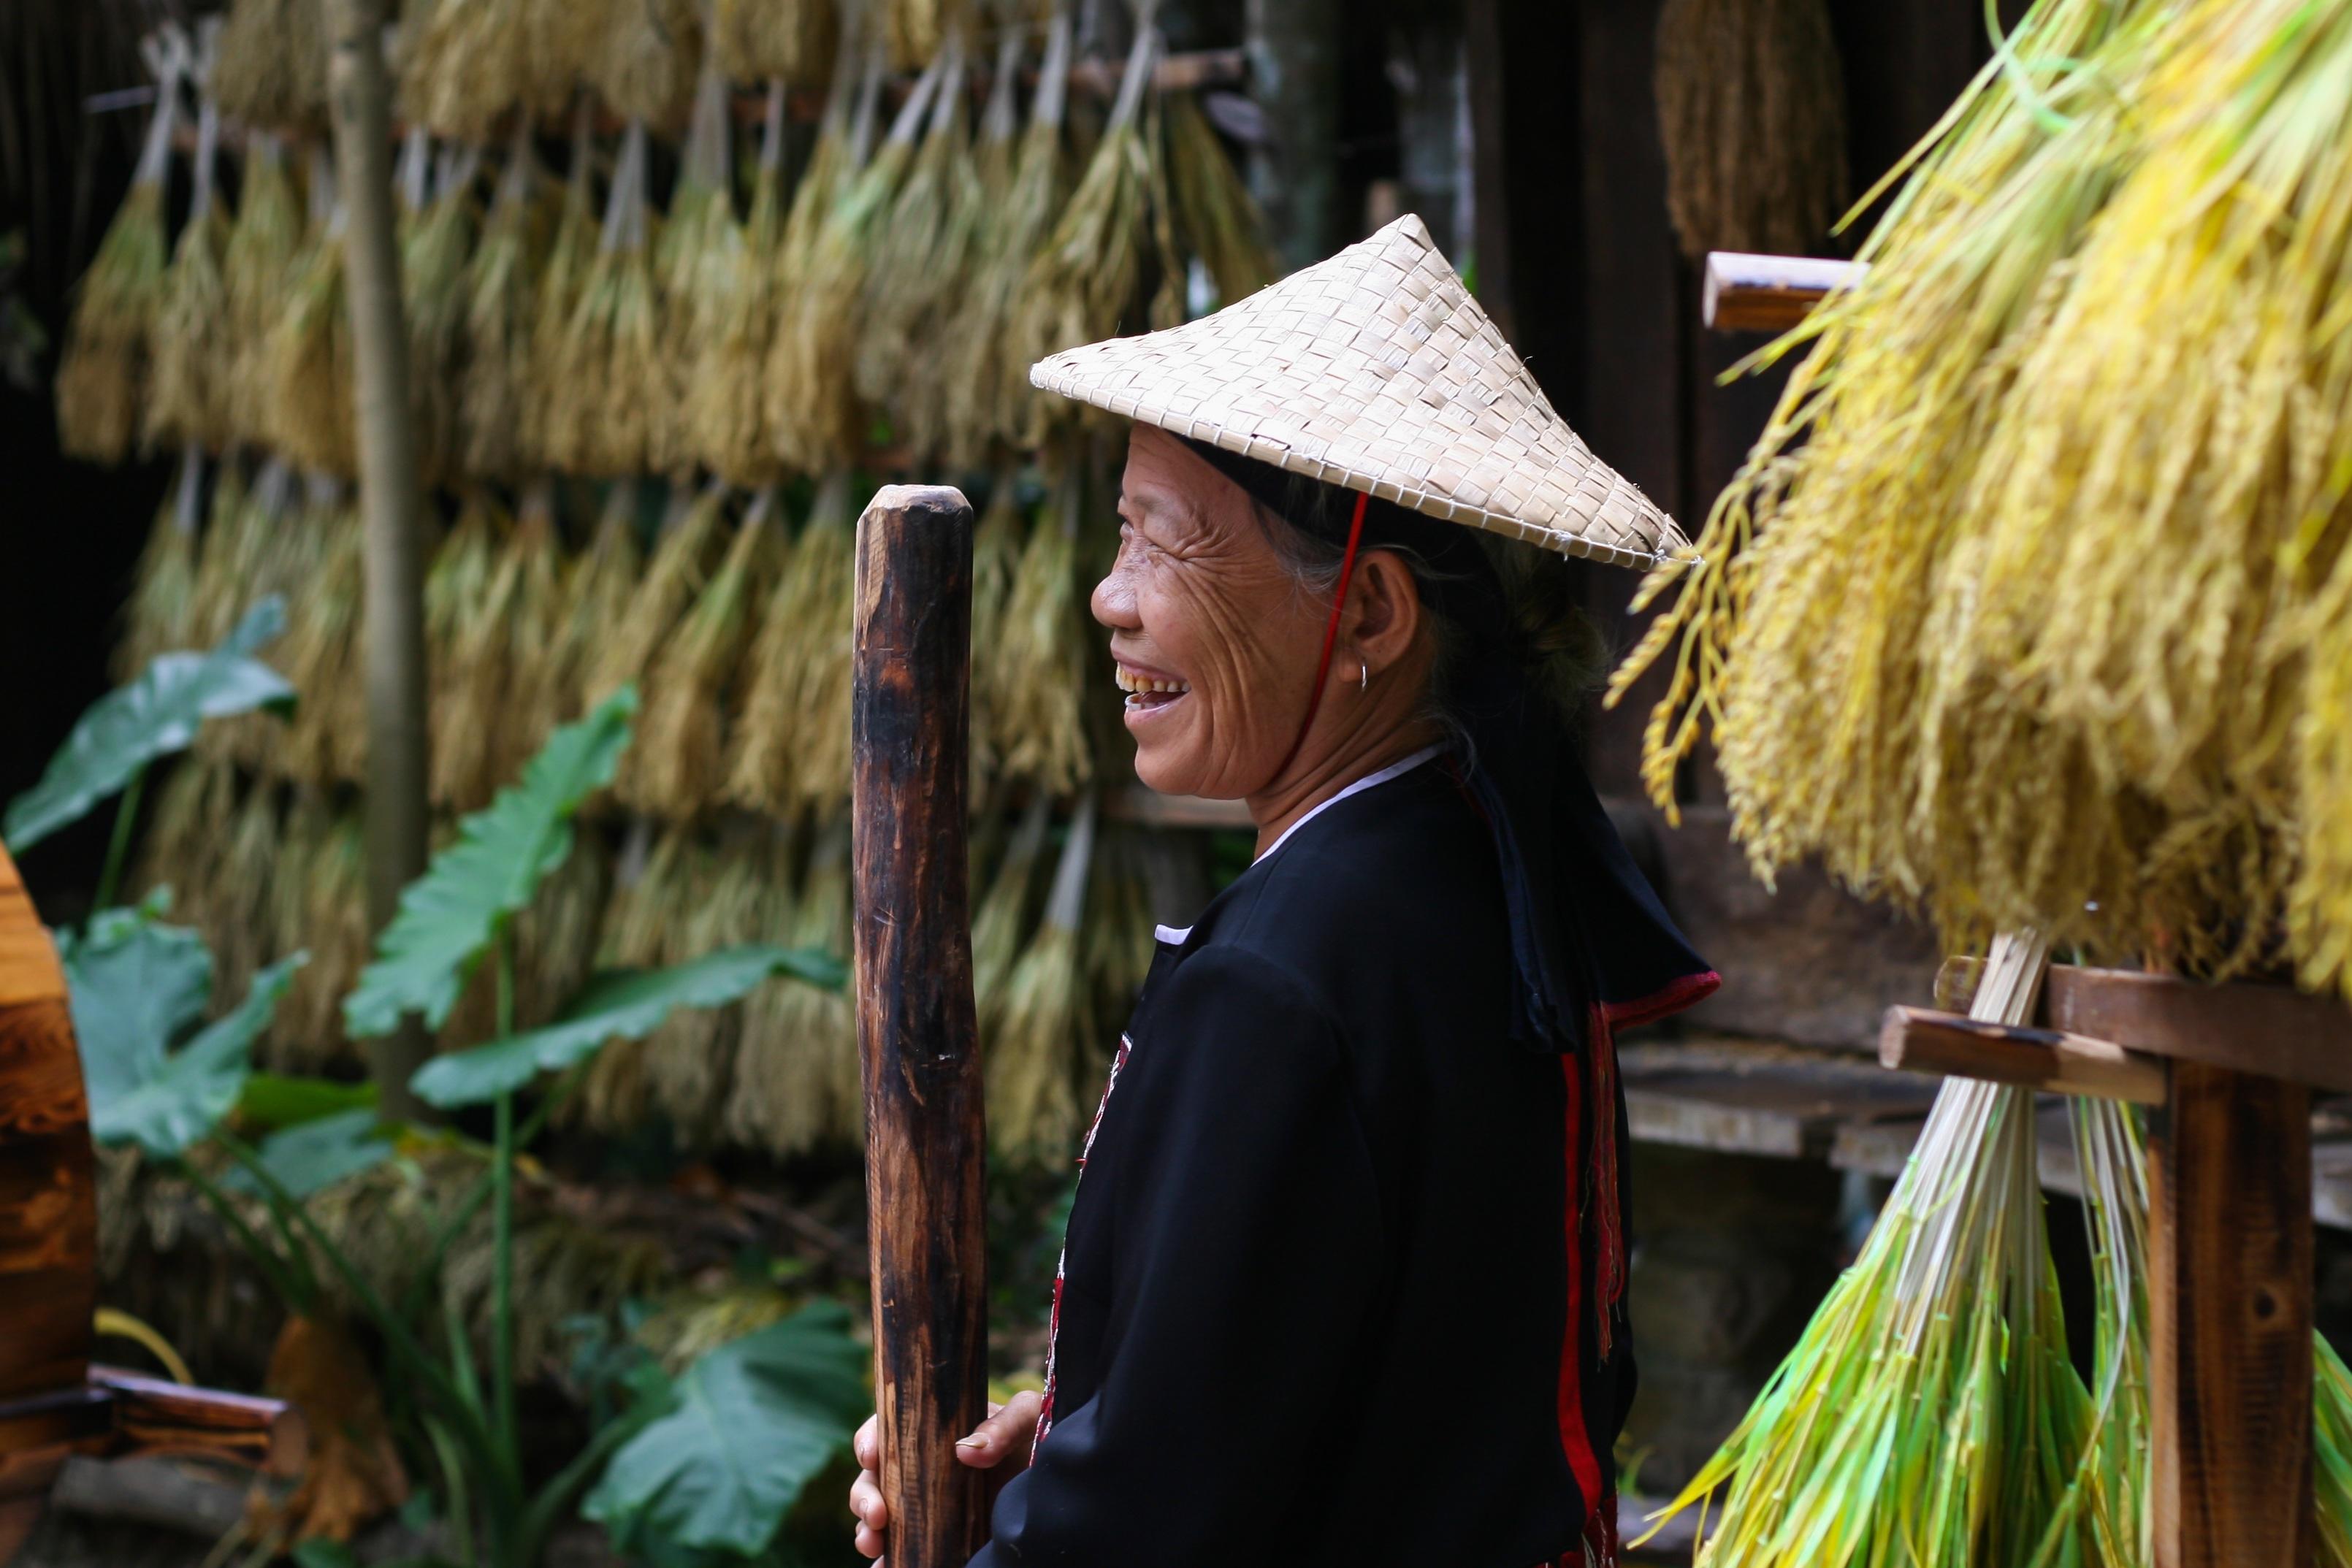 chinesische Dame alt